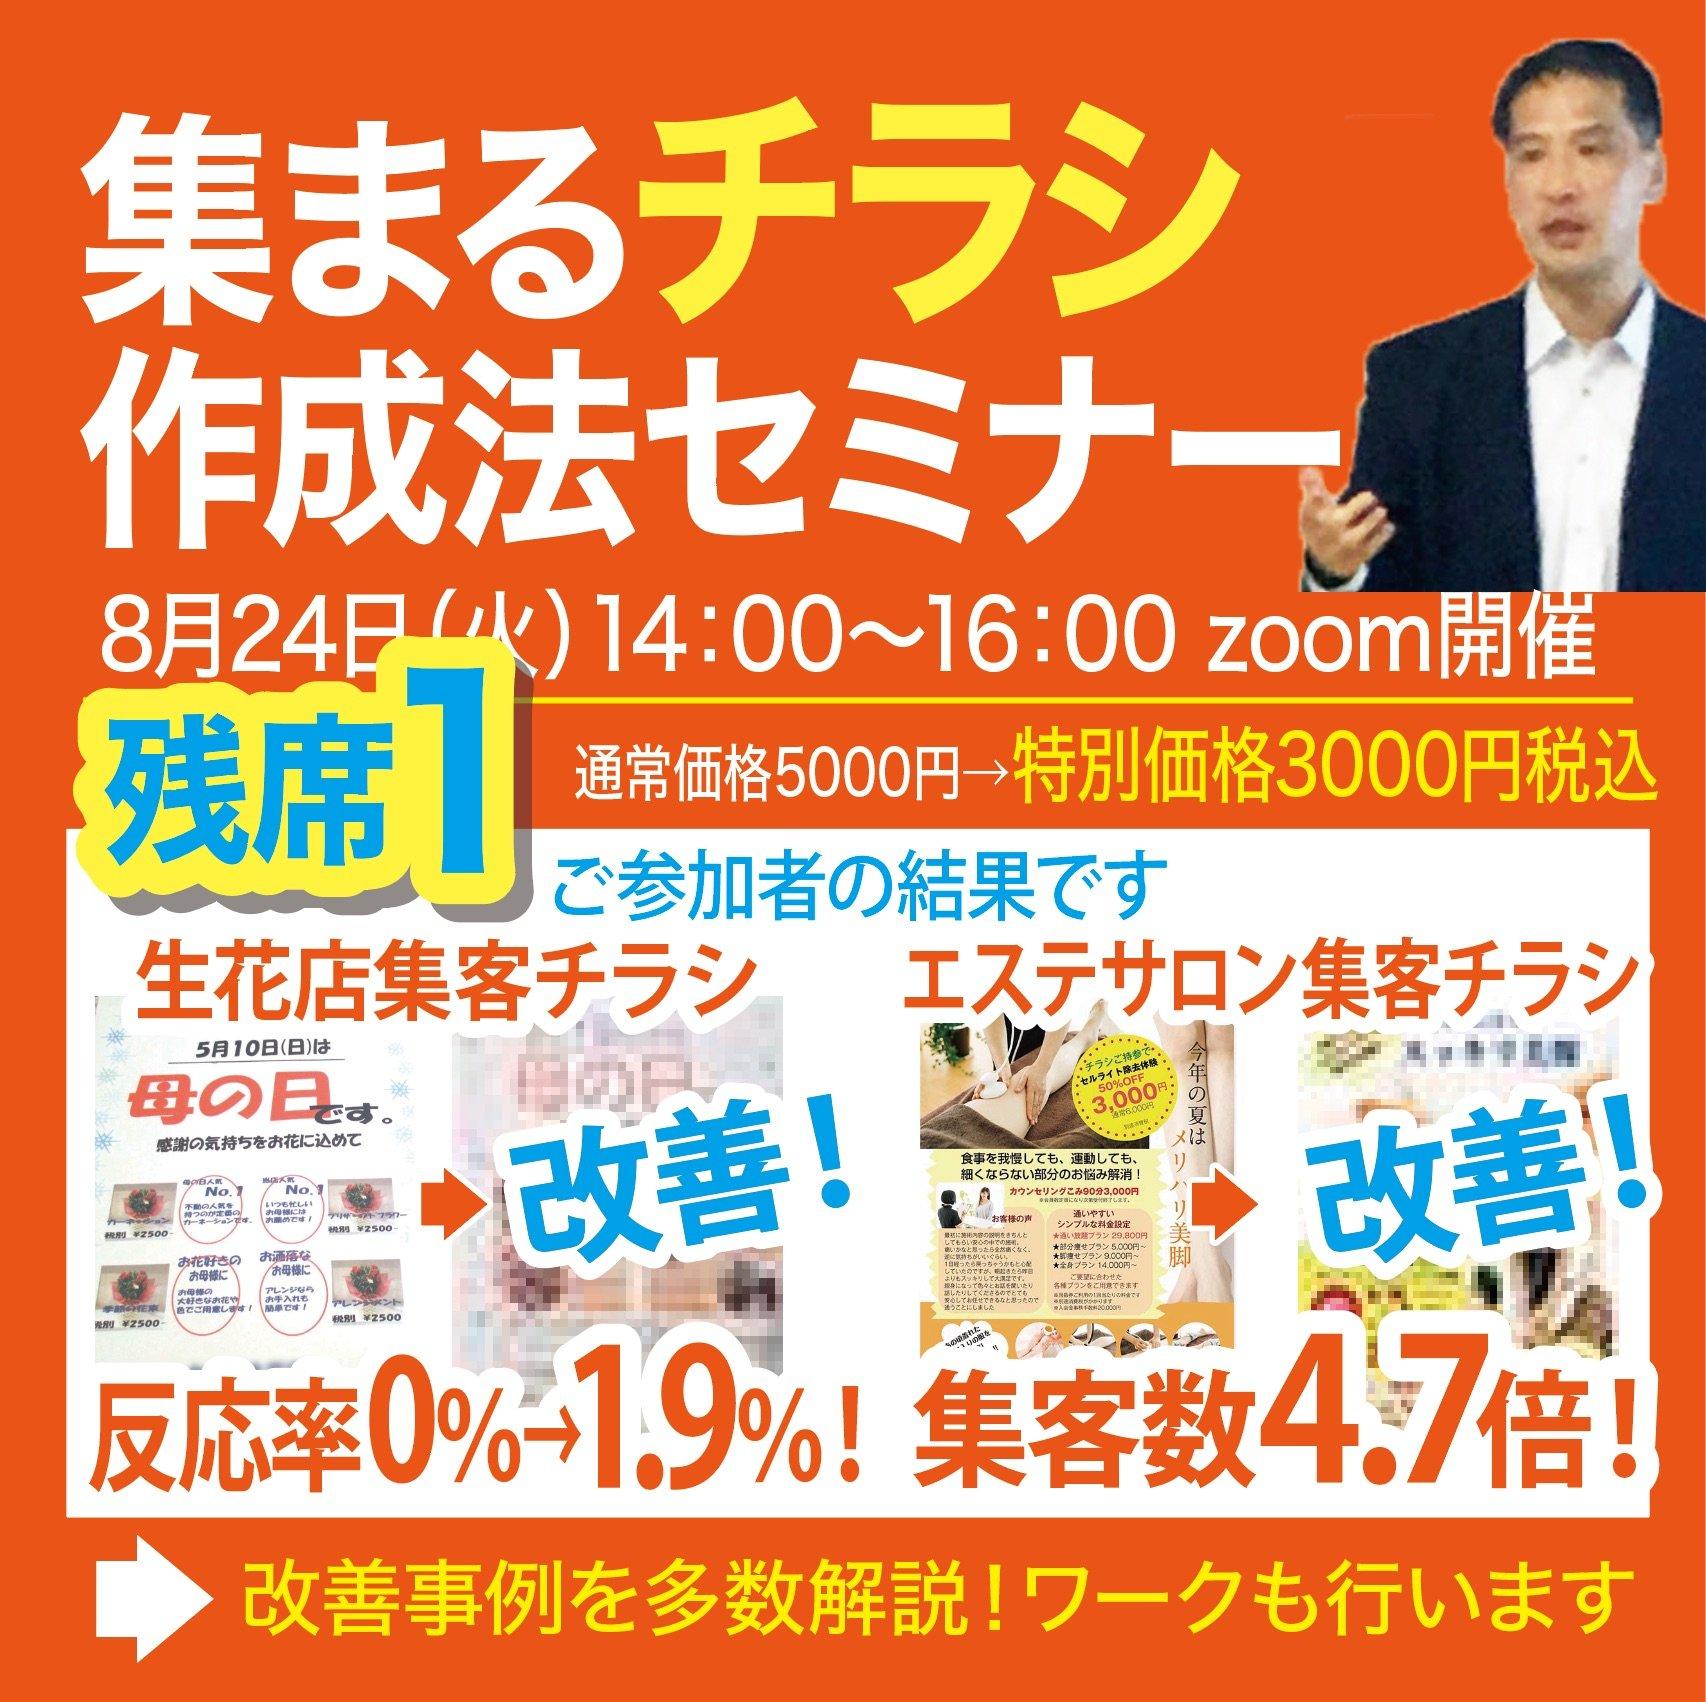 8/24(火) 集まるチラシ作成法セミナー(zoom開催)のイメージその1